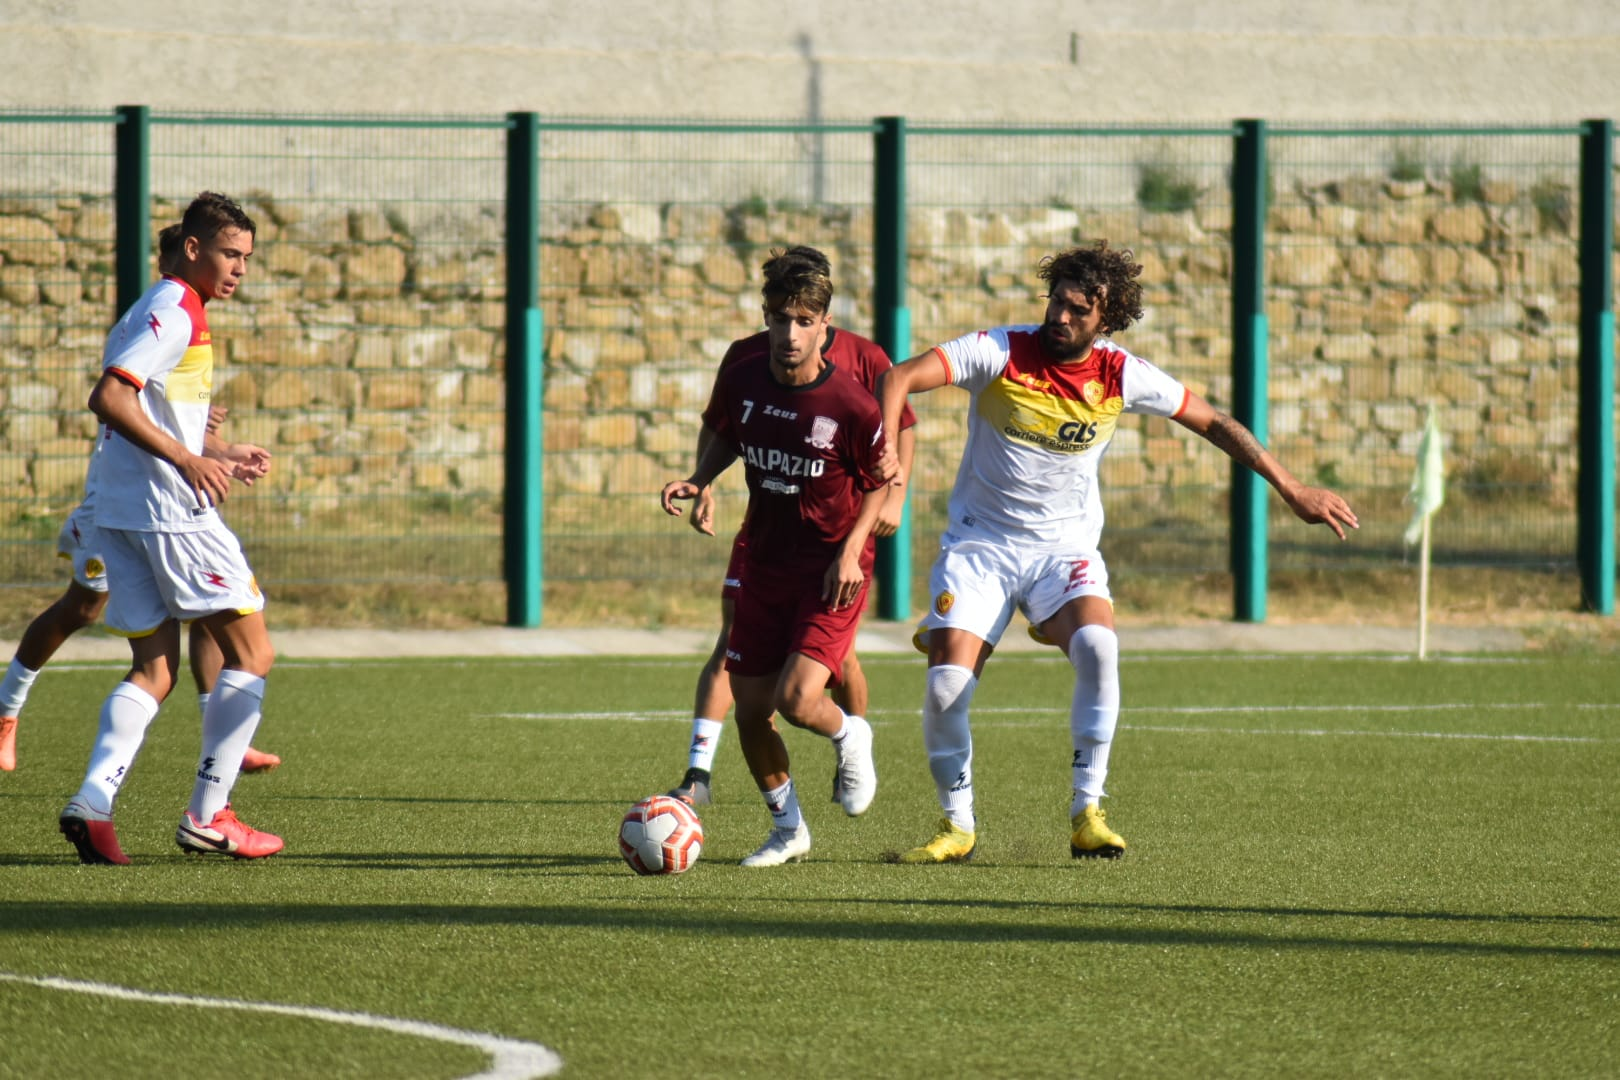 Polisportiva Santa Maria 5-0 Calpazio, la voce di Esposito